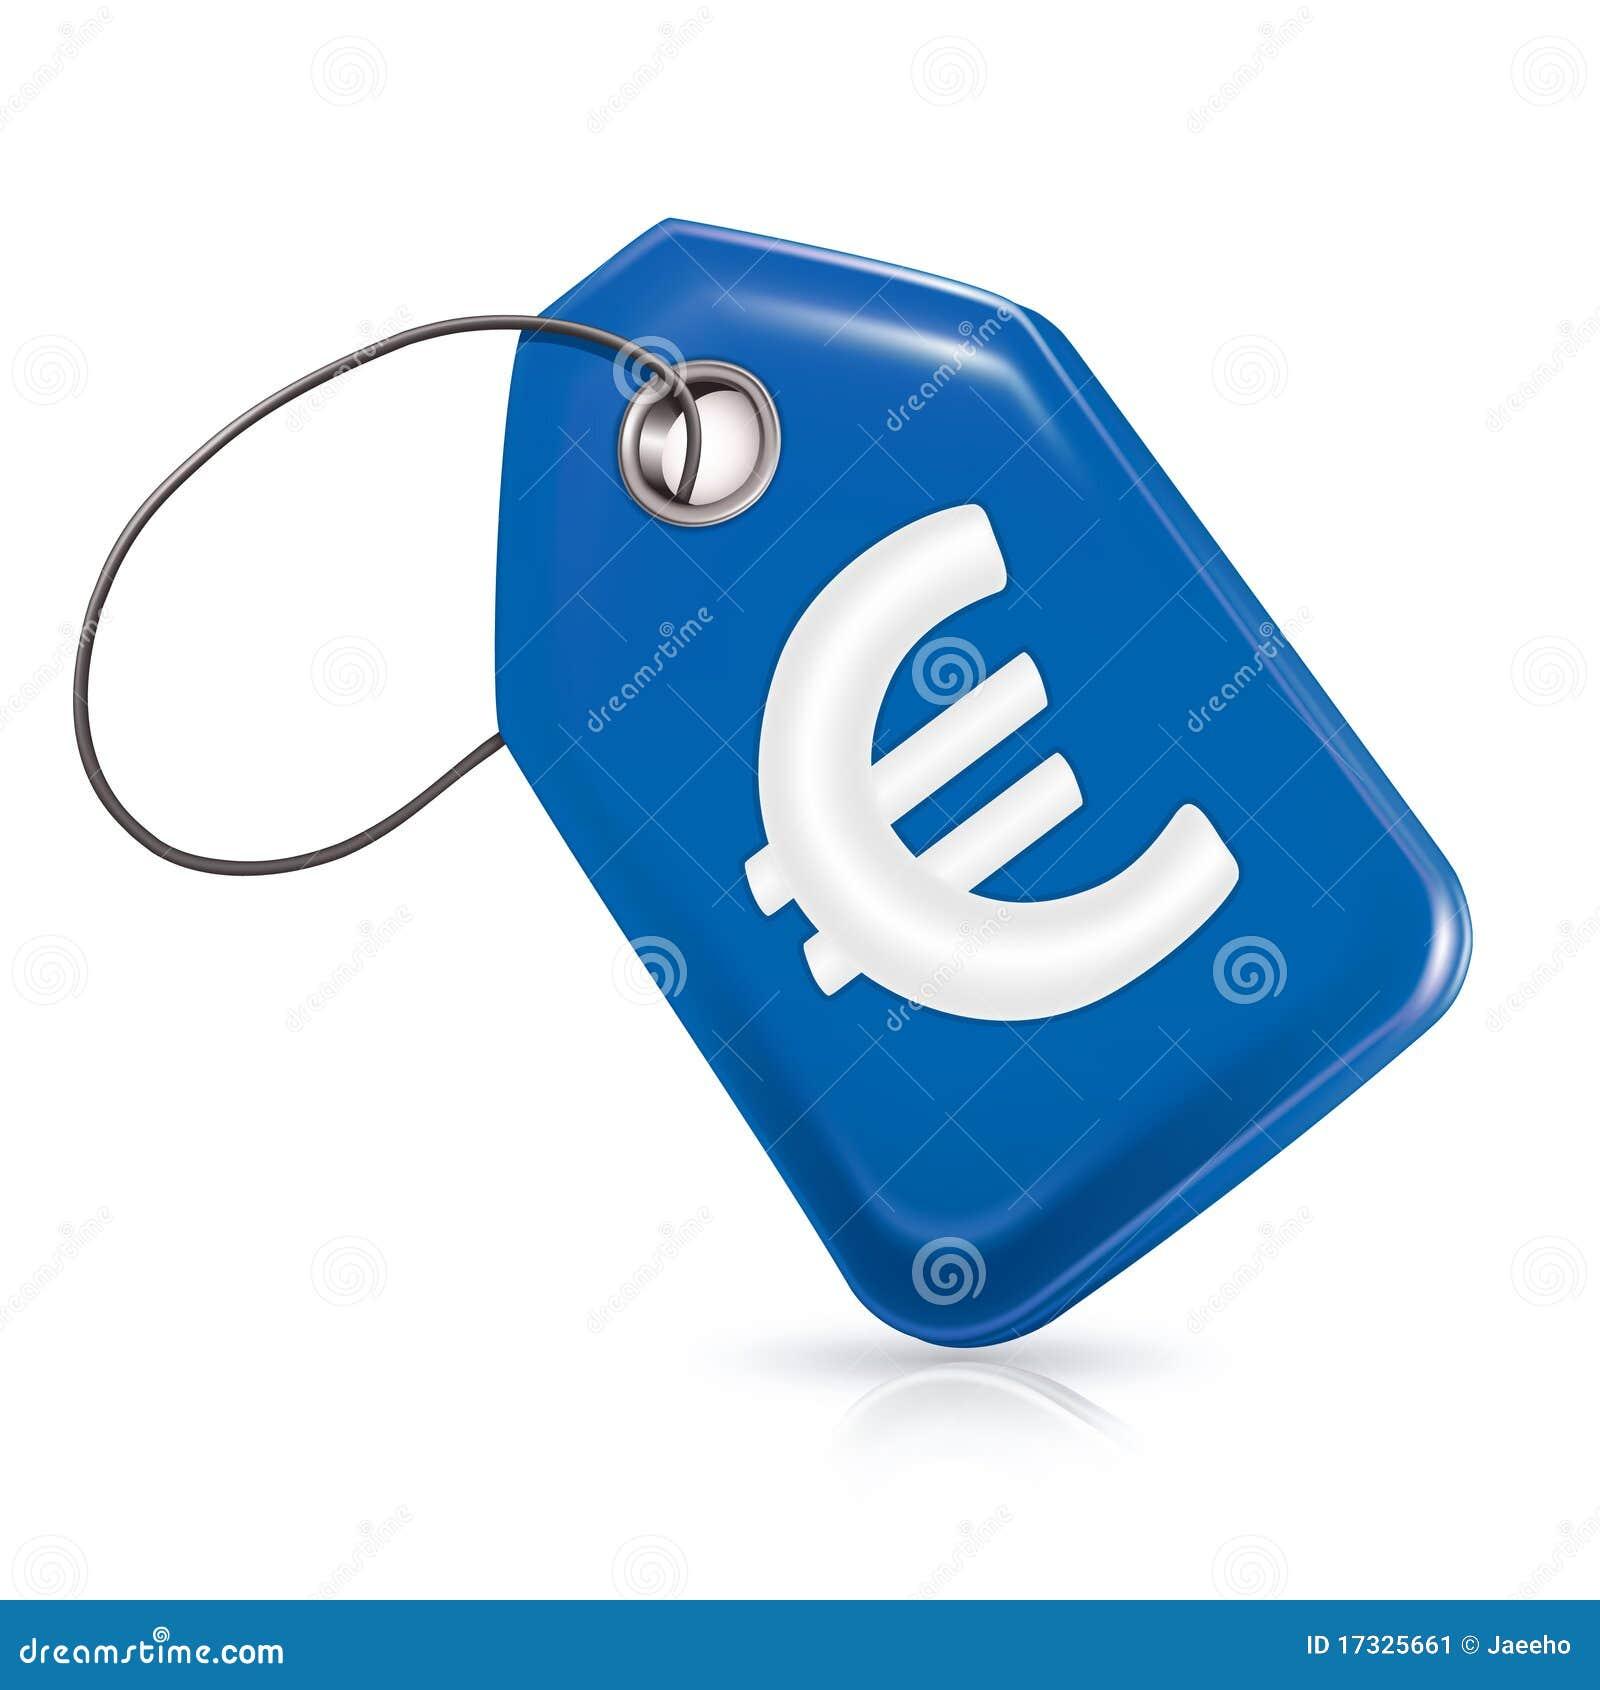 Blue Price Tag Stock Image - Image: 17325661